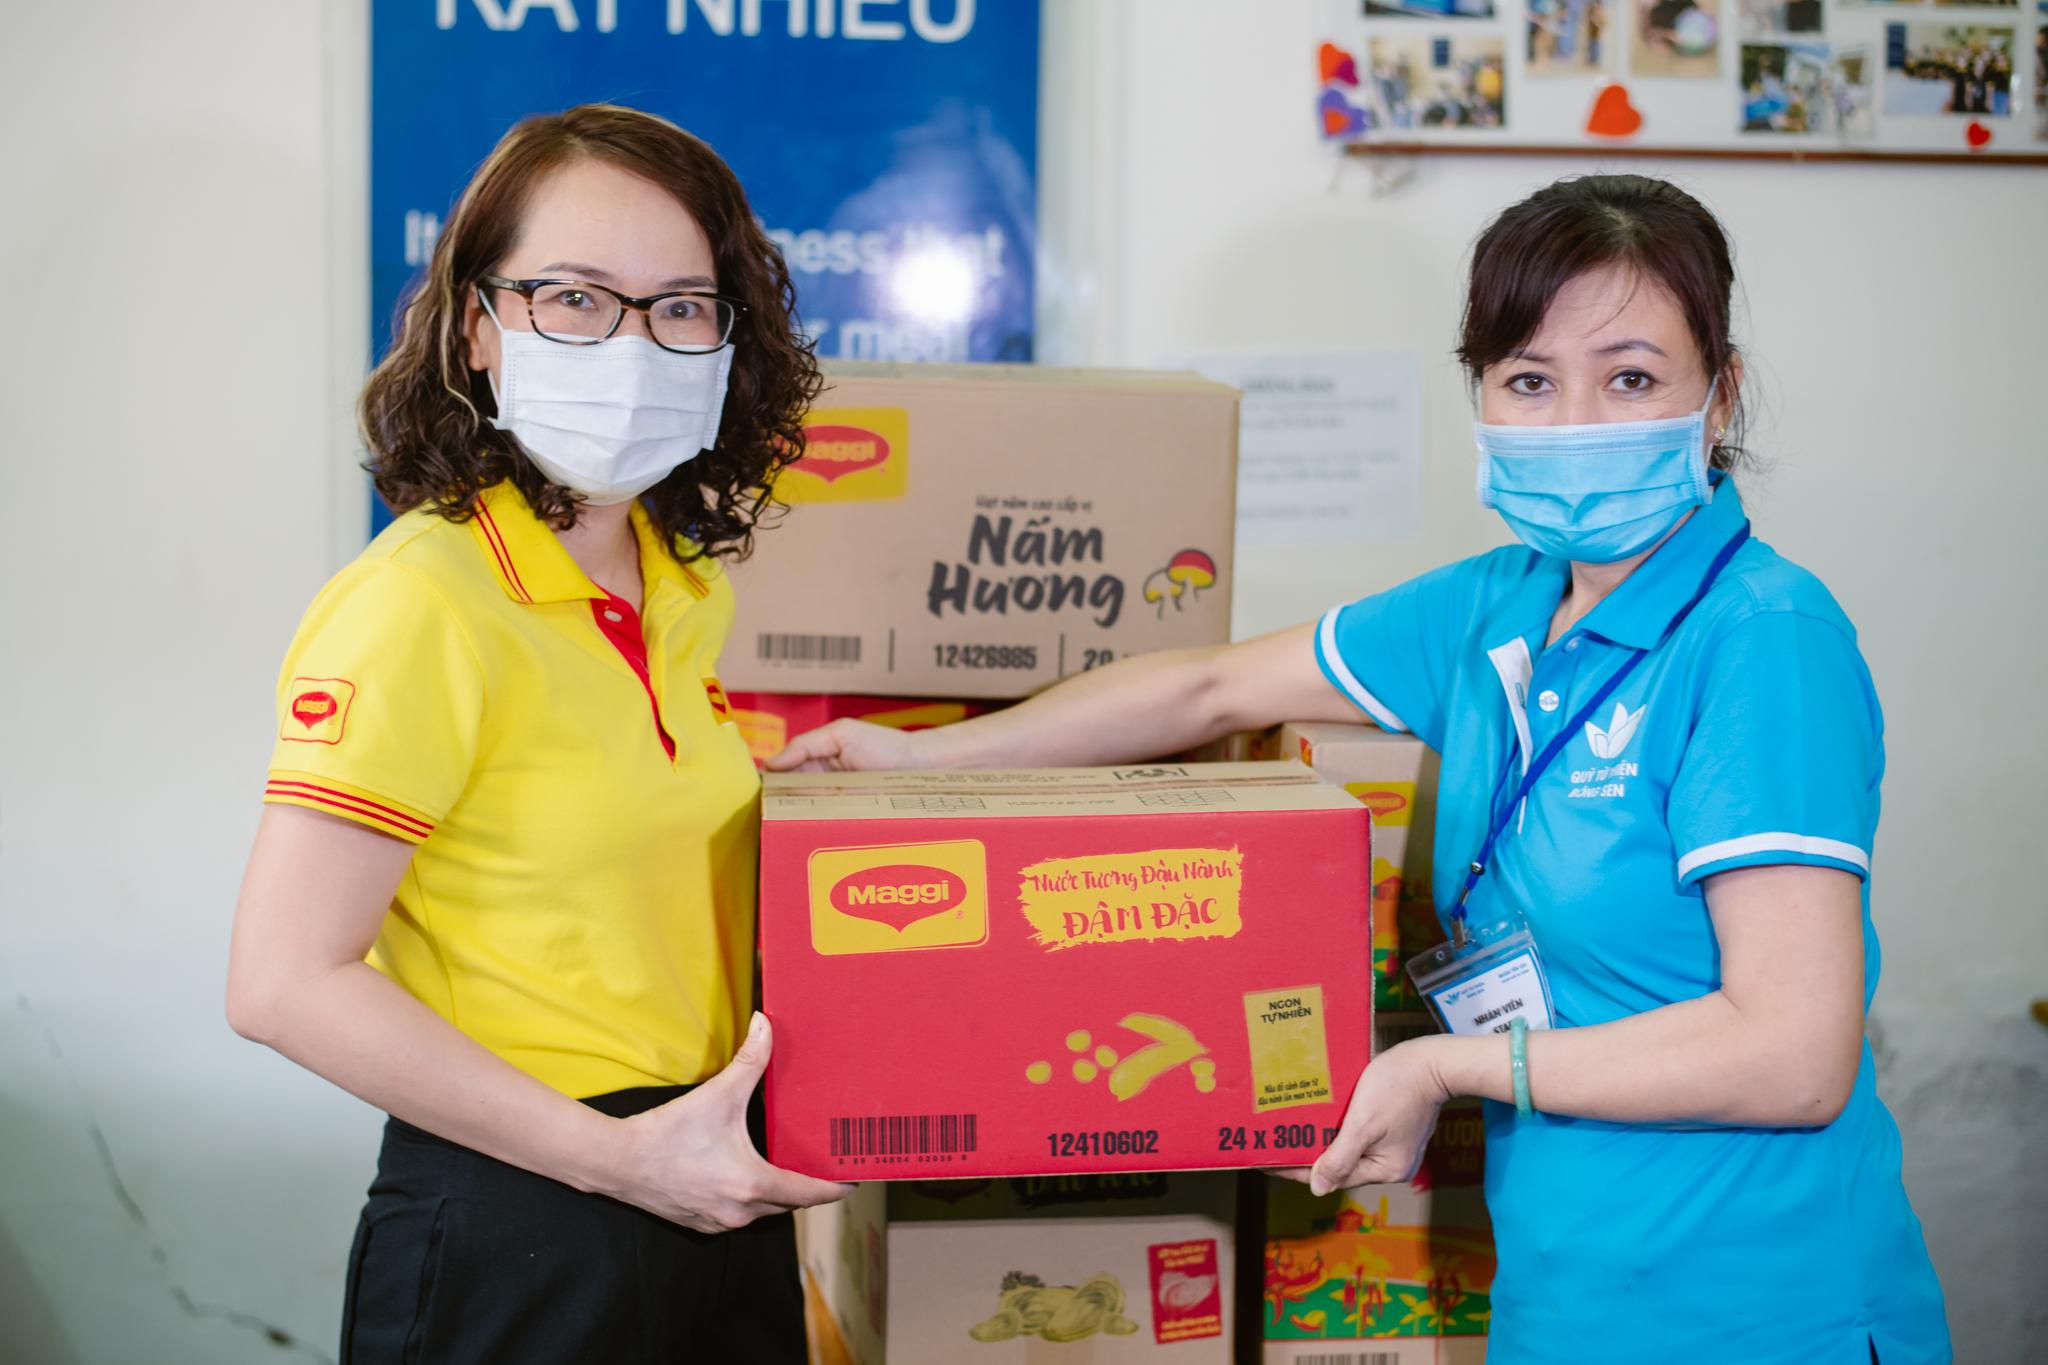 Gần 10.000 tương tác livestream đã được quy đổi thành 10.000 phần quà đến với Quỹ từ thiện Bông Sen, hỗ trợ các suất ăn giá rẻ cho các hoàn cảnh khó khăn.